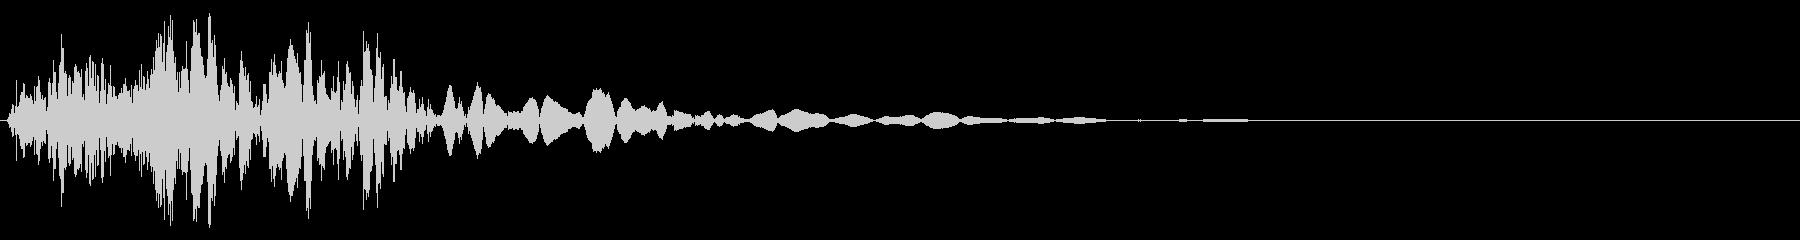 ドスッ 重めの足音の未再生の波形